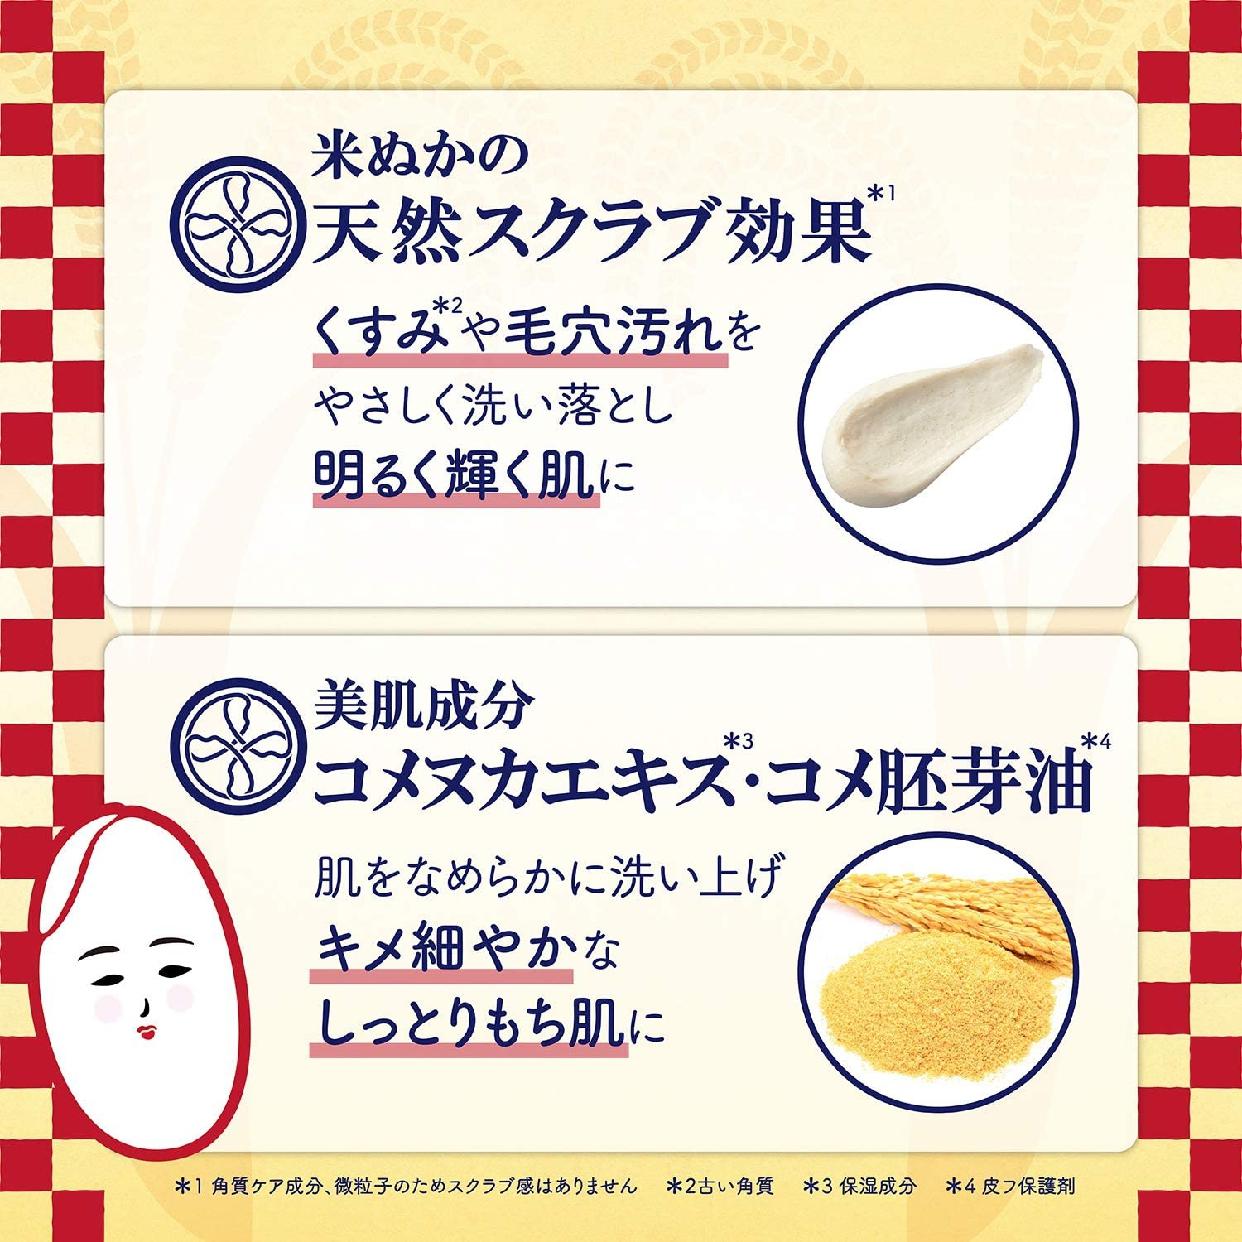 ROSETTE(ロゼット) 江戸こすめ 米ぬか洗顔の商品画像9